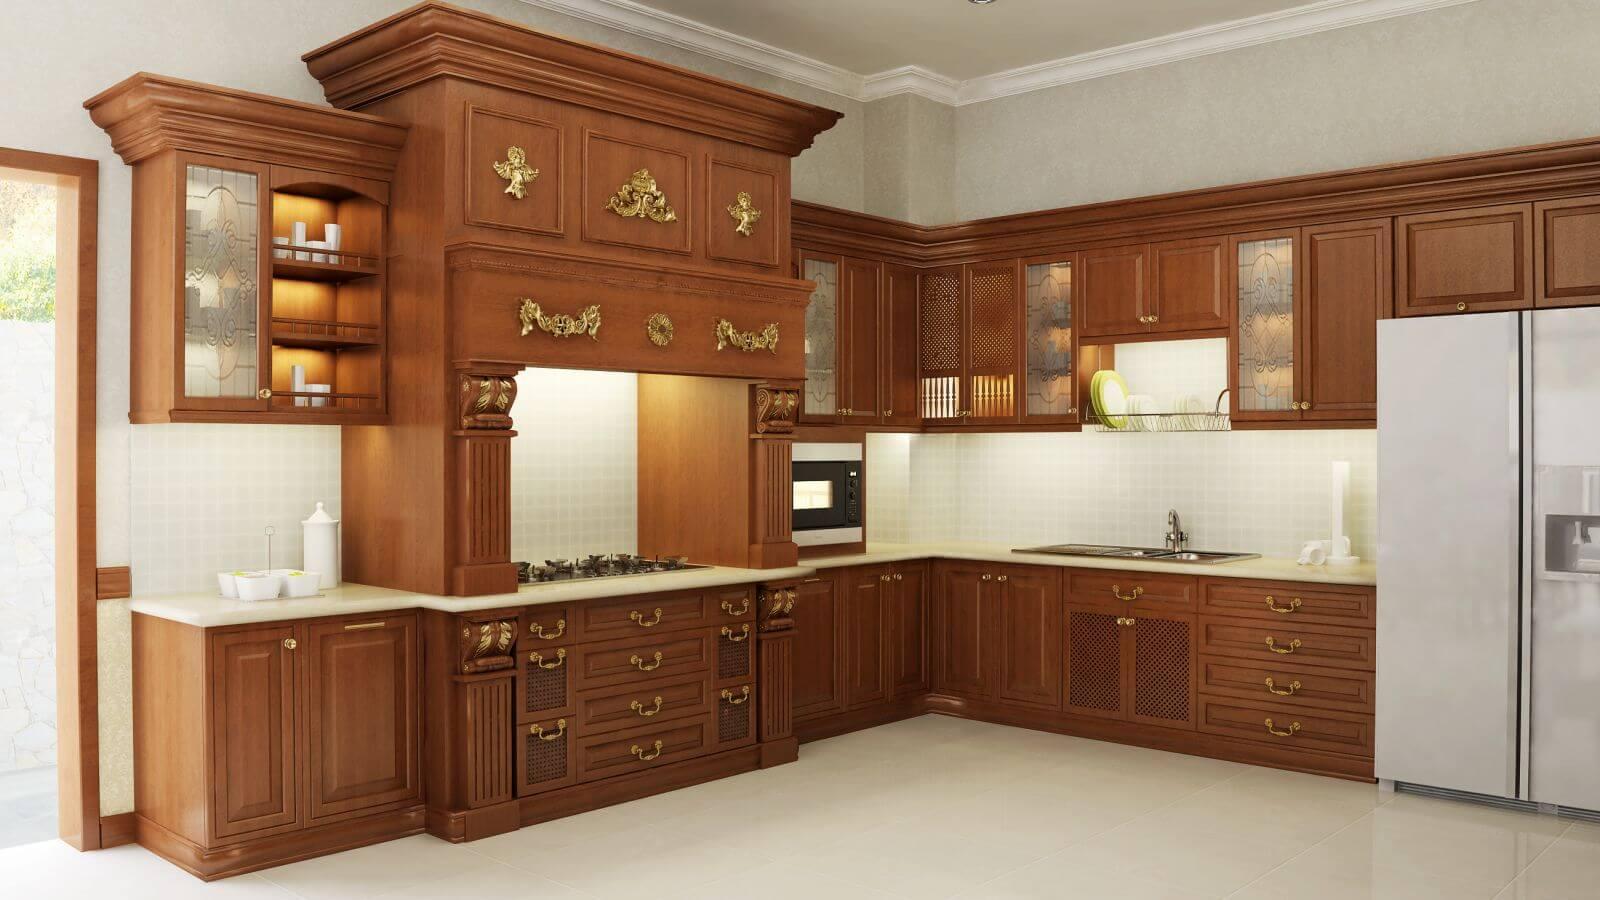 tủ bếp gỗ xoan đào có tốt không?